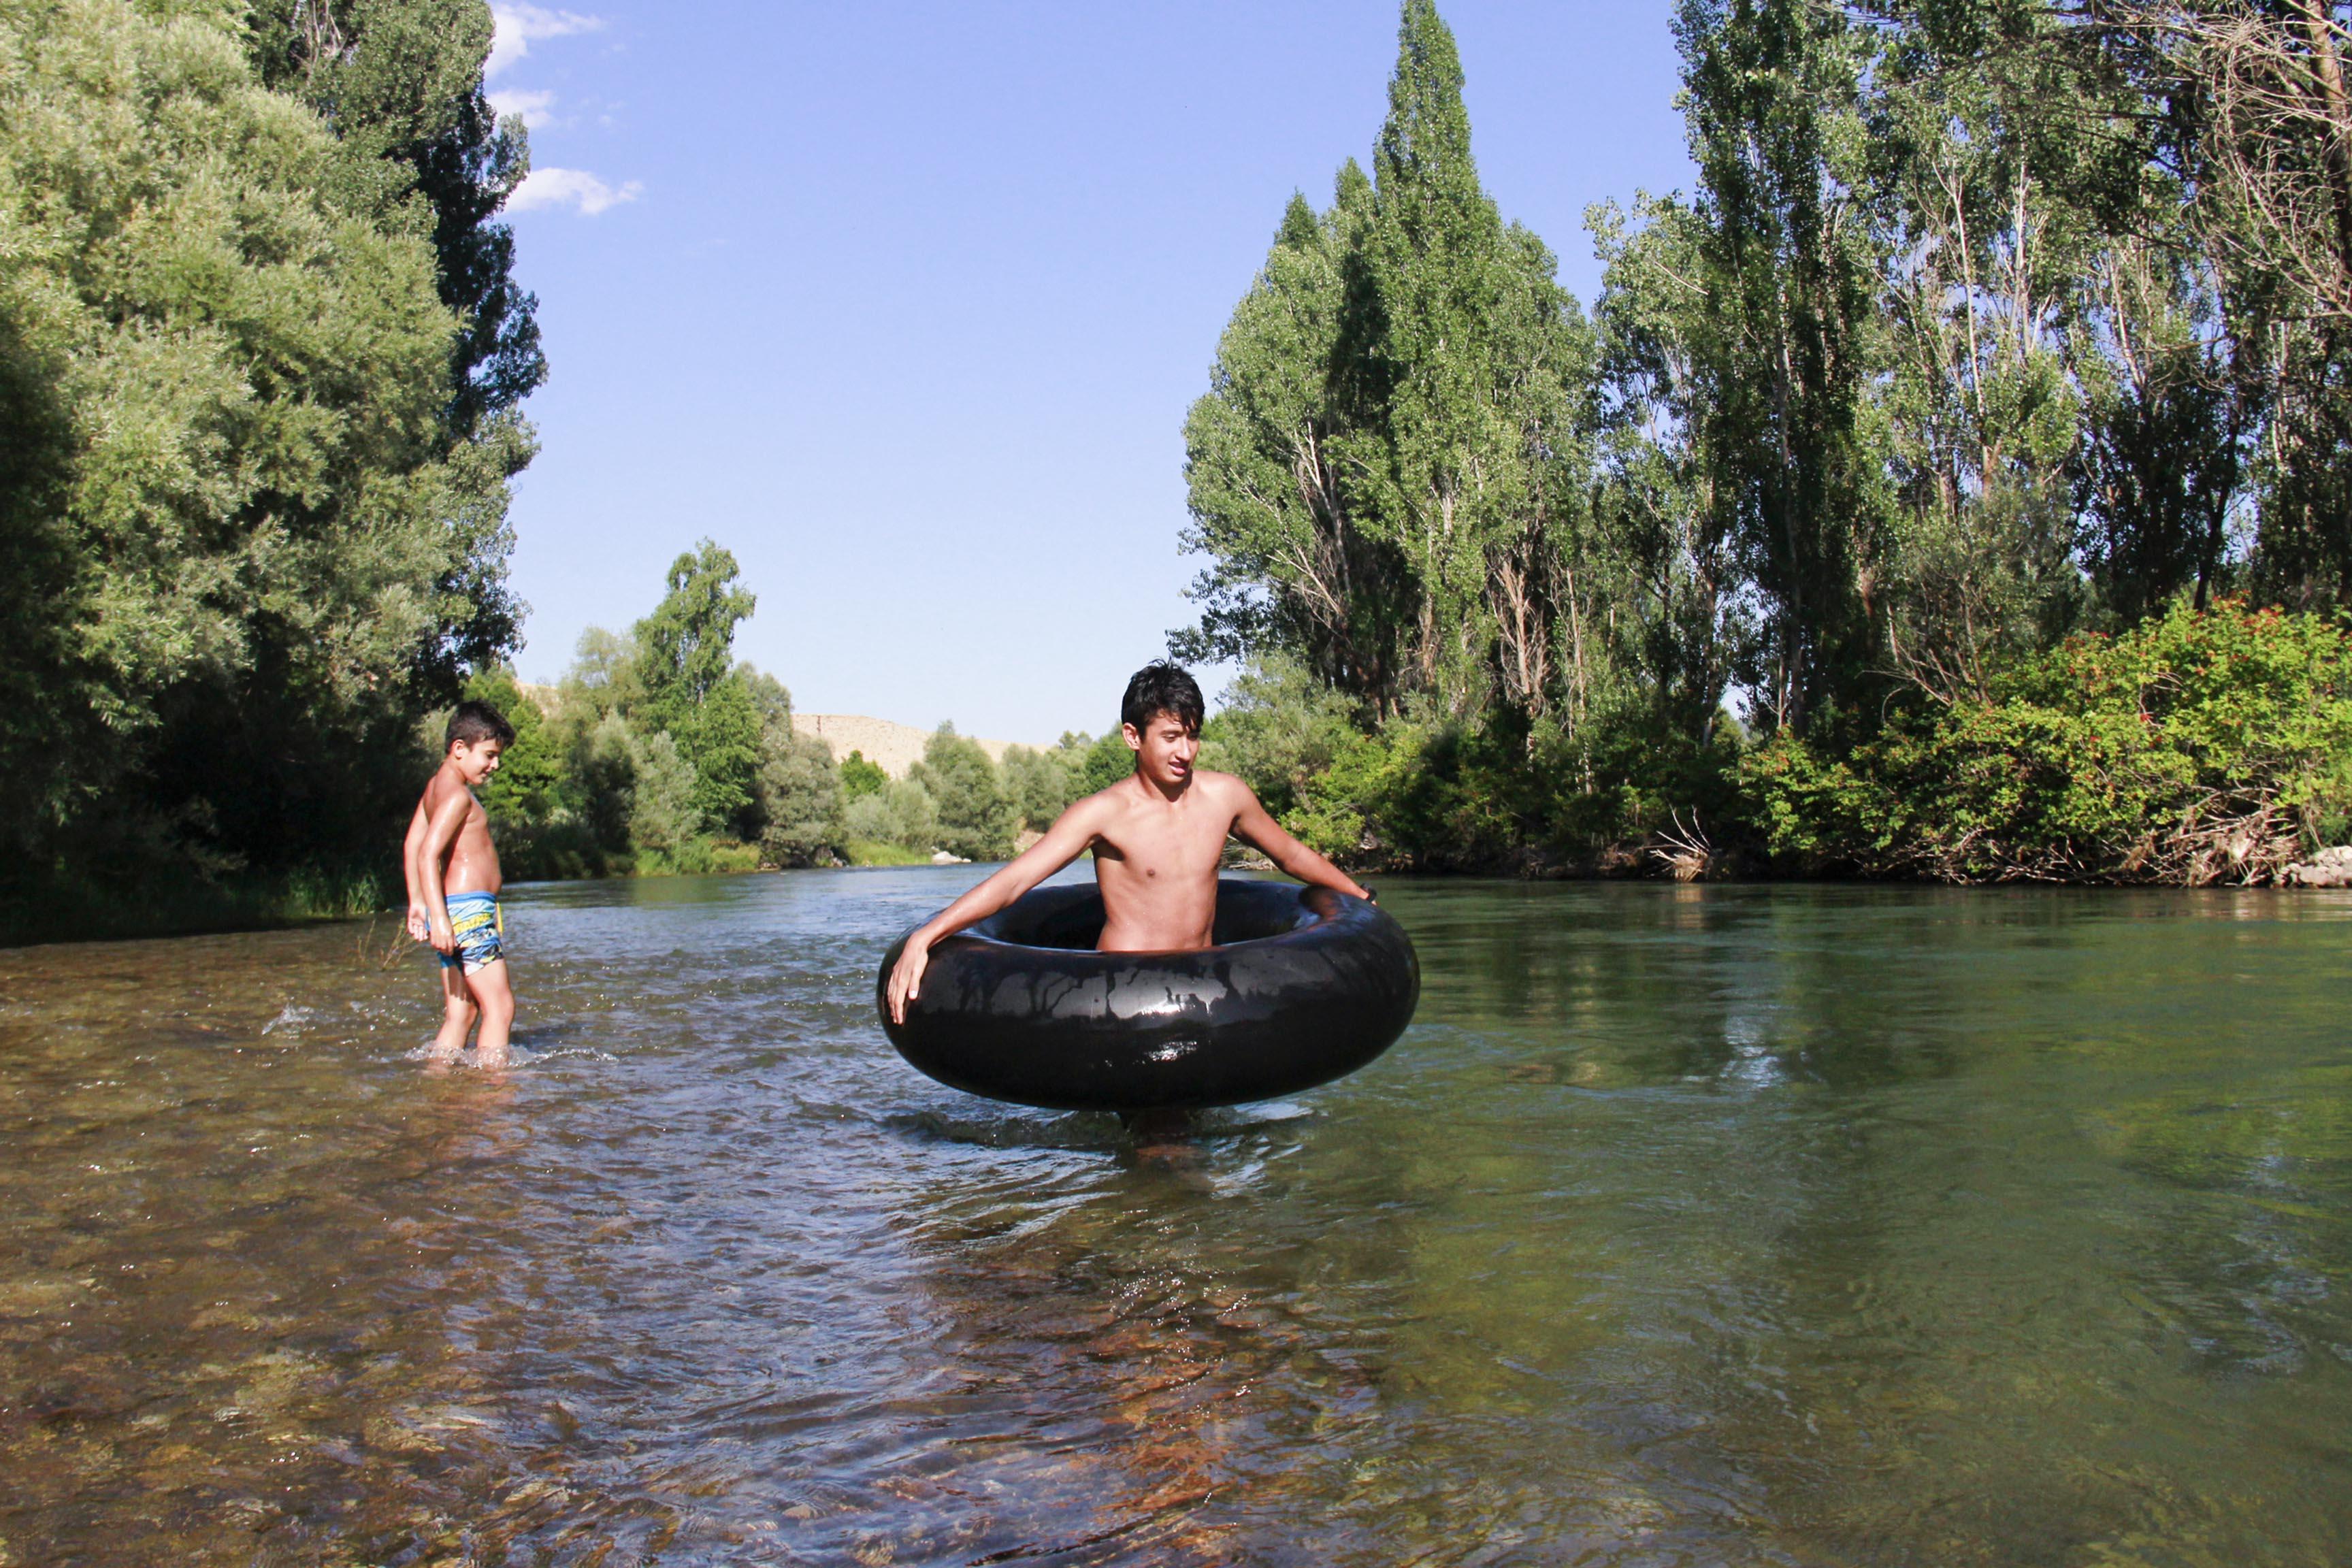 sambrelle-rafting-yapiyorlar-(3).jpg